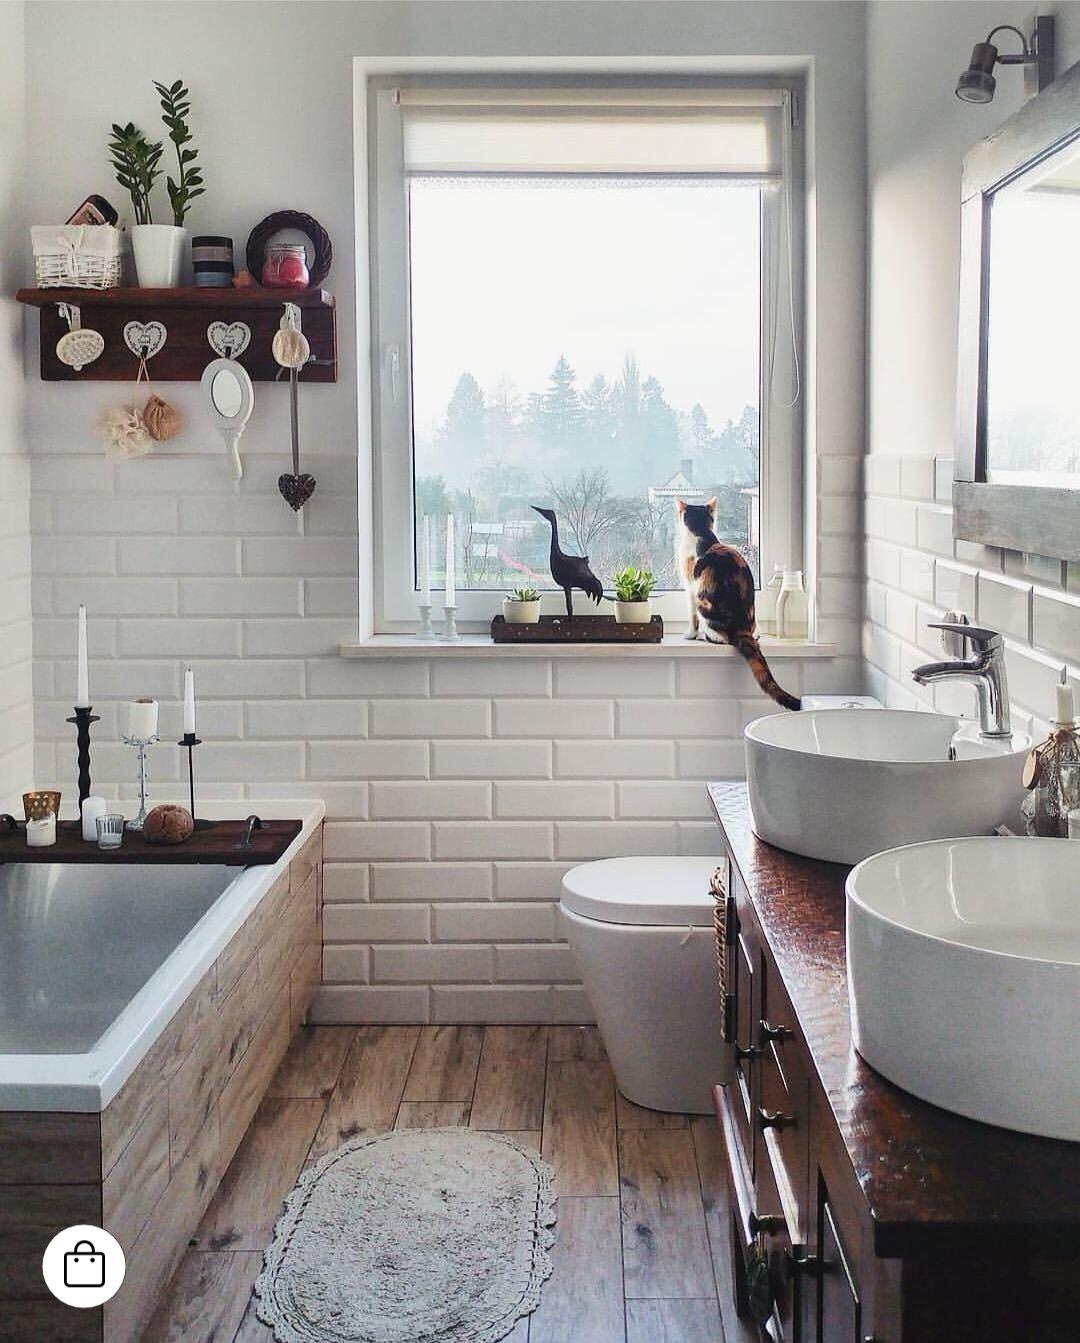 Pin Von Lena Will Auf Home In 2020 Badewanne Dekoration Kleines Bad Dekorieren Badezimmer Rustikal